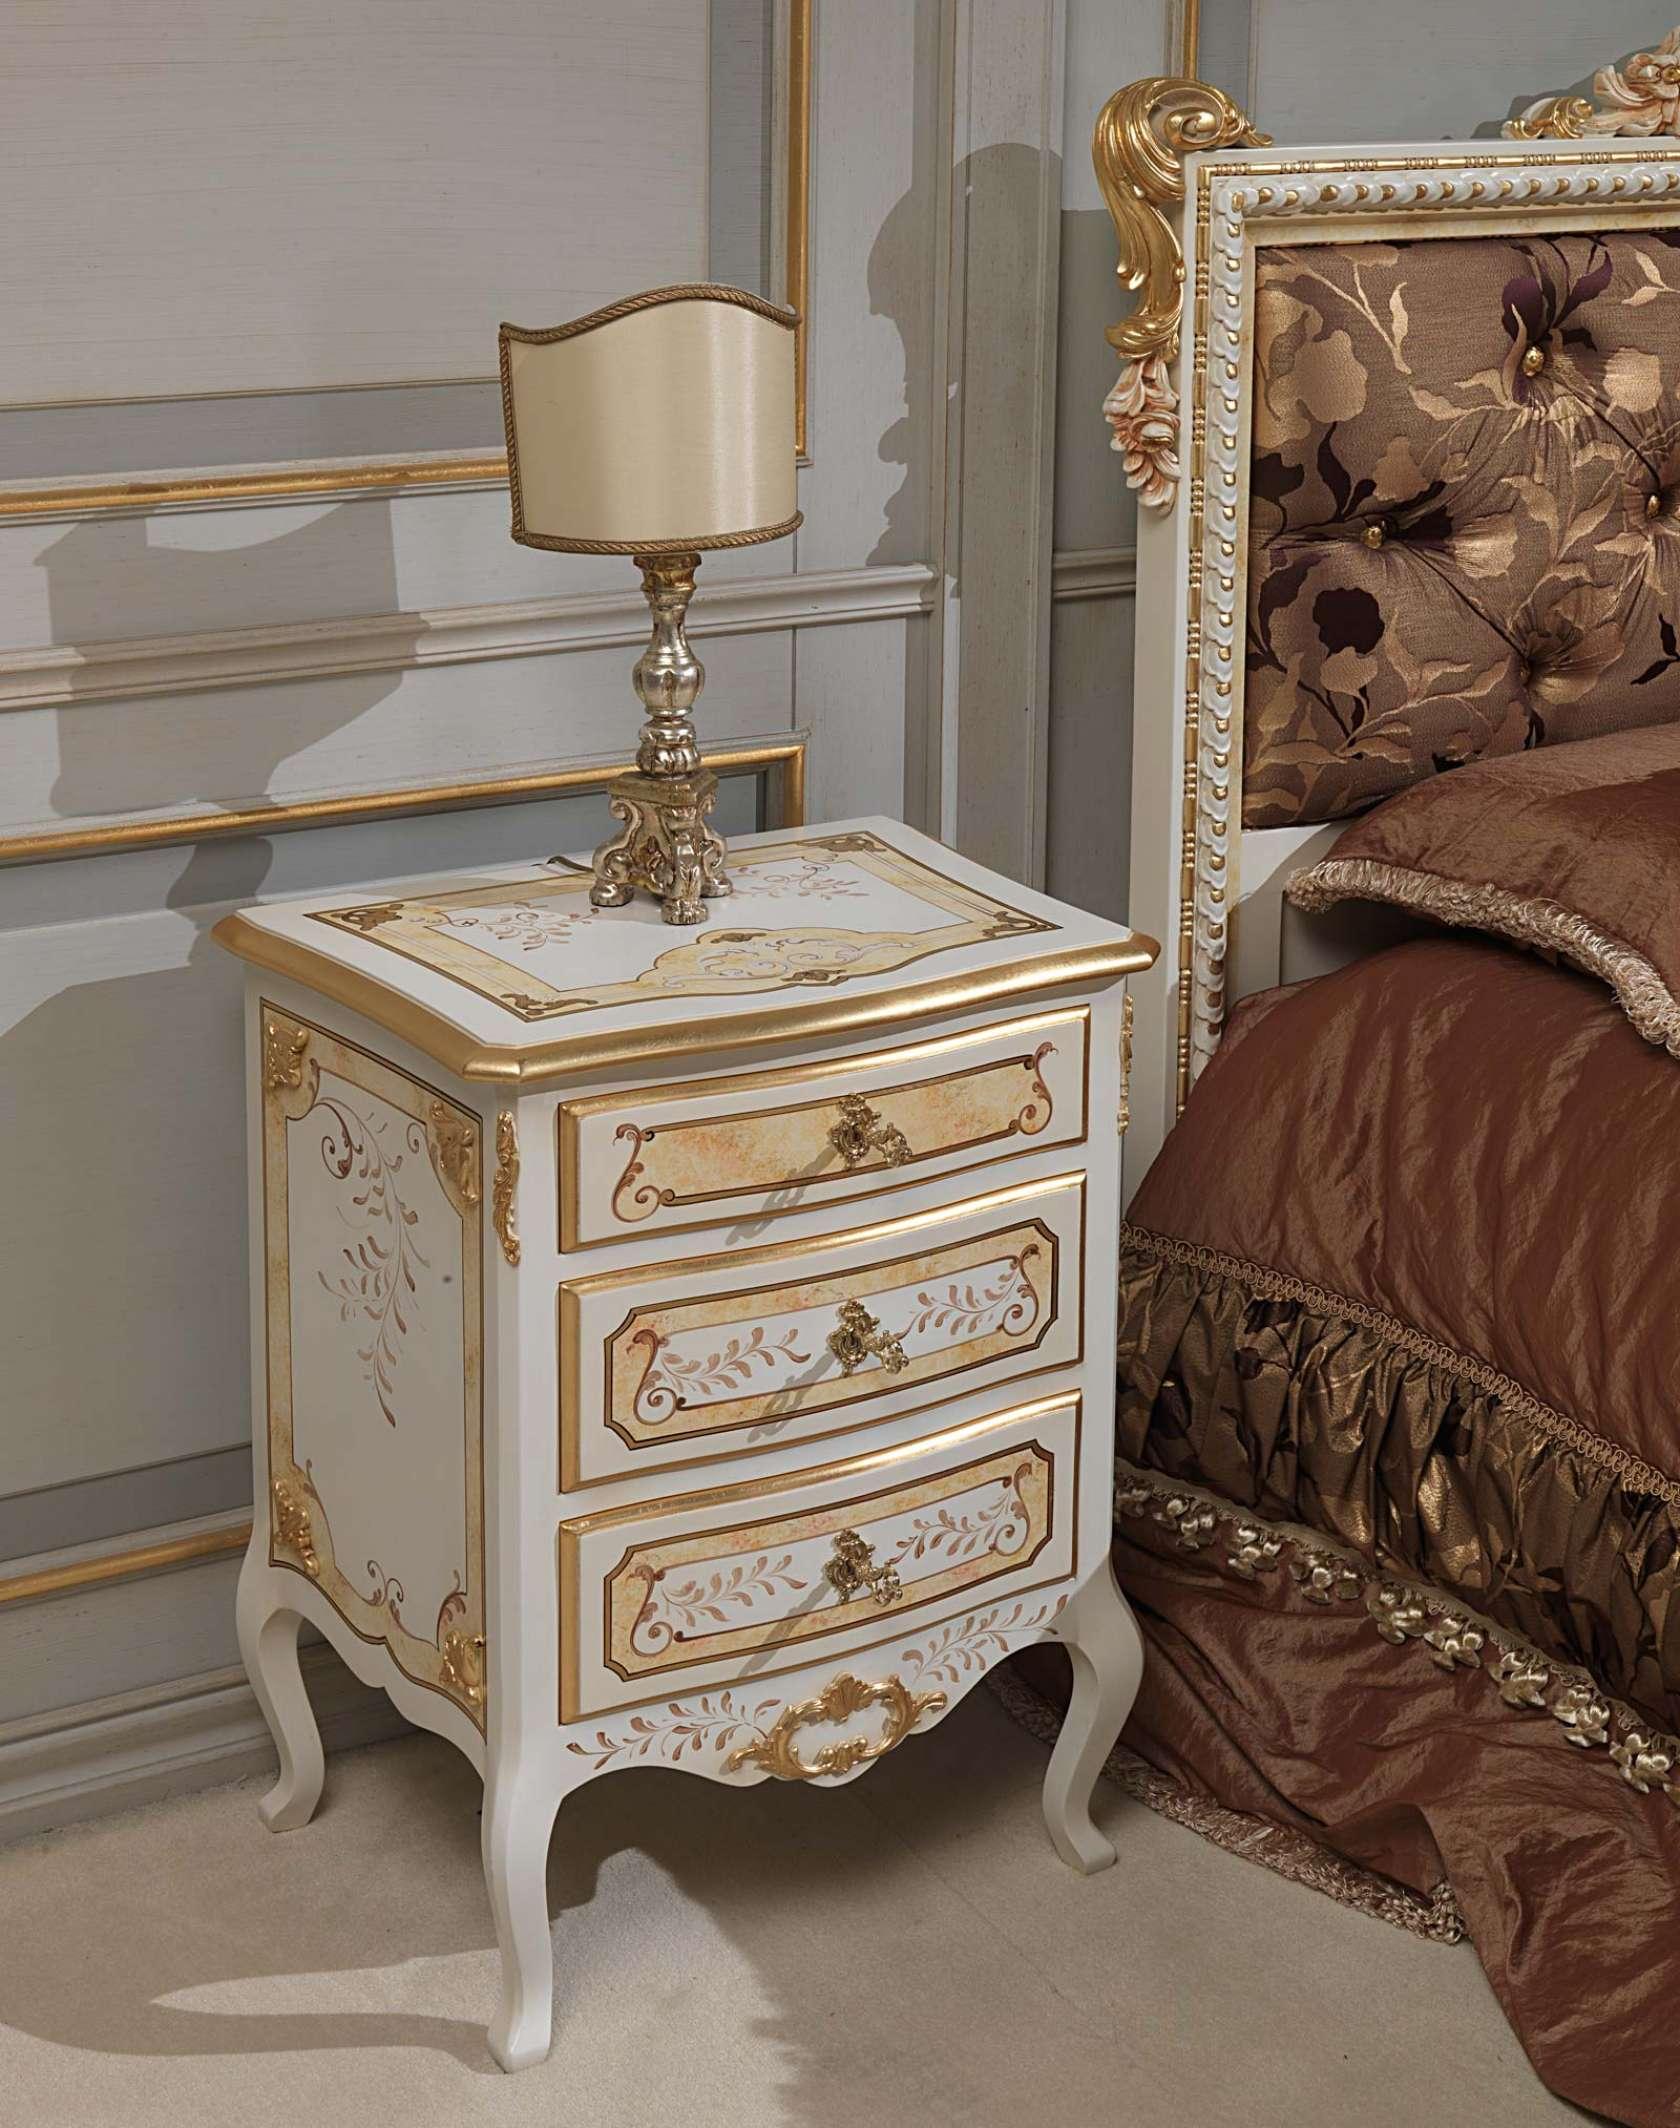 table de nuit classique. Black Bedroom Furniture Sets. Home Design Ideas